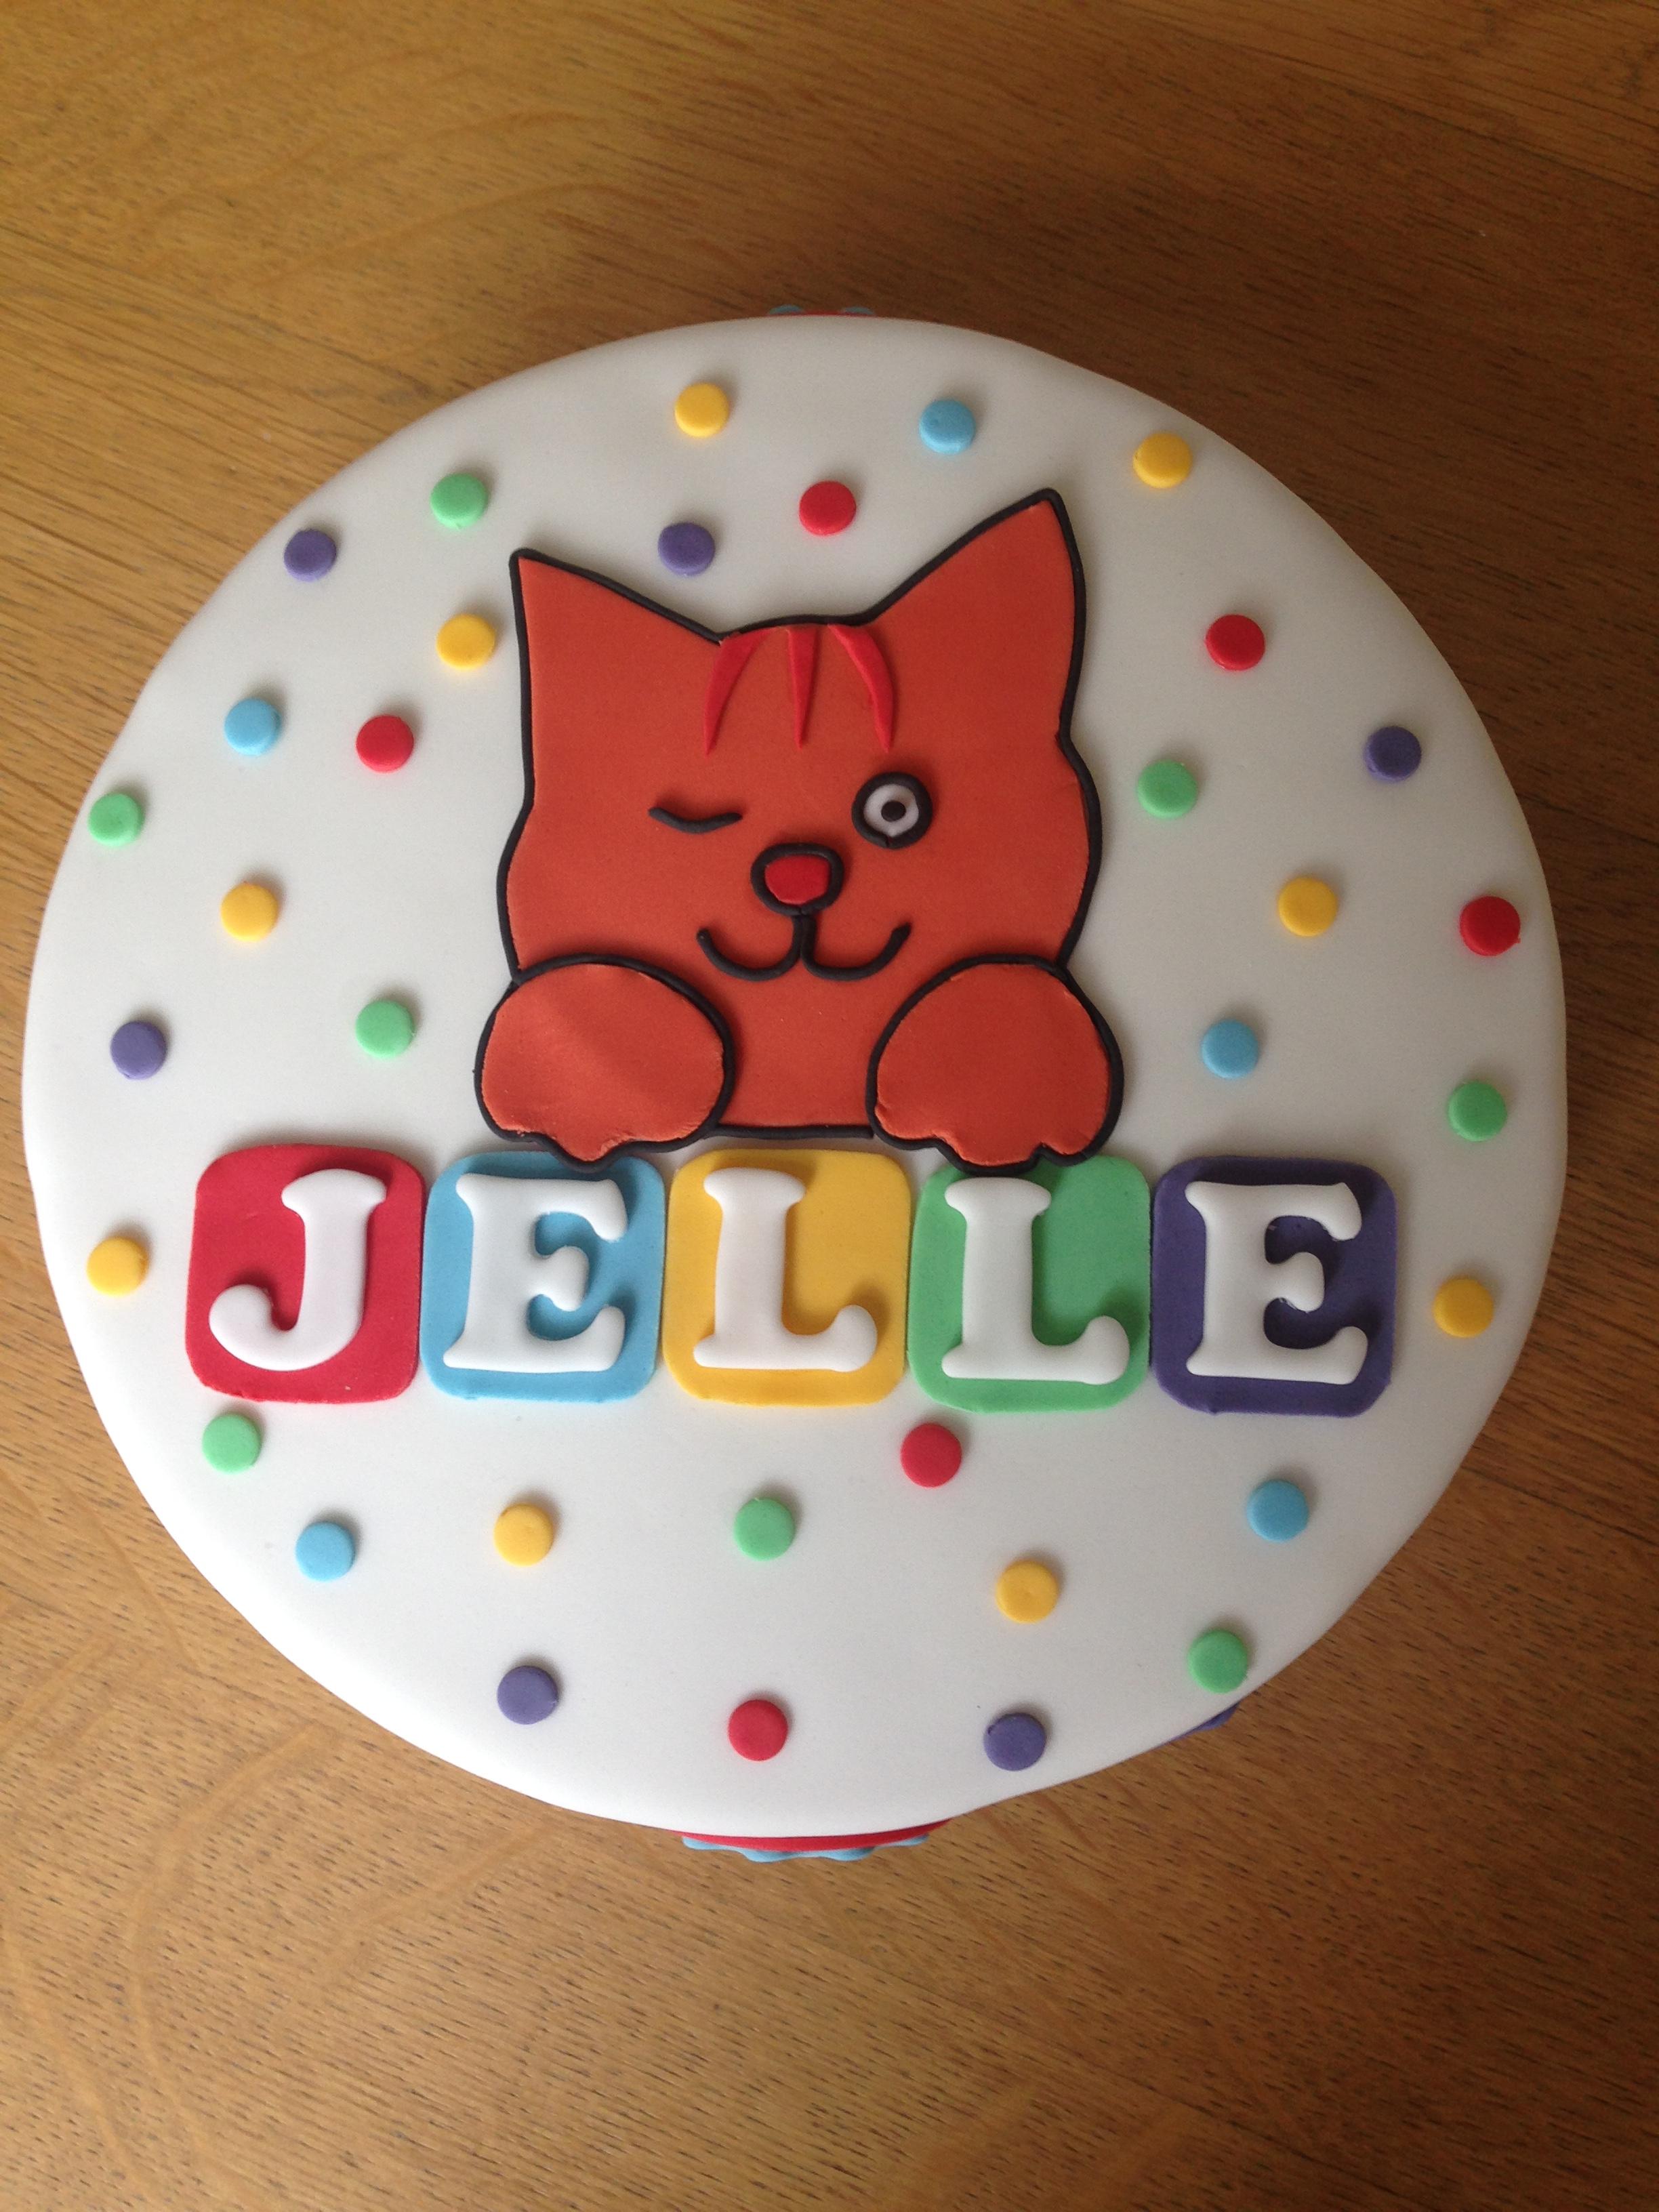 Jelle_01a